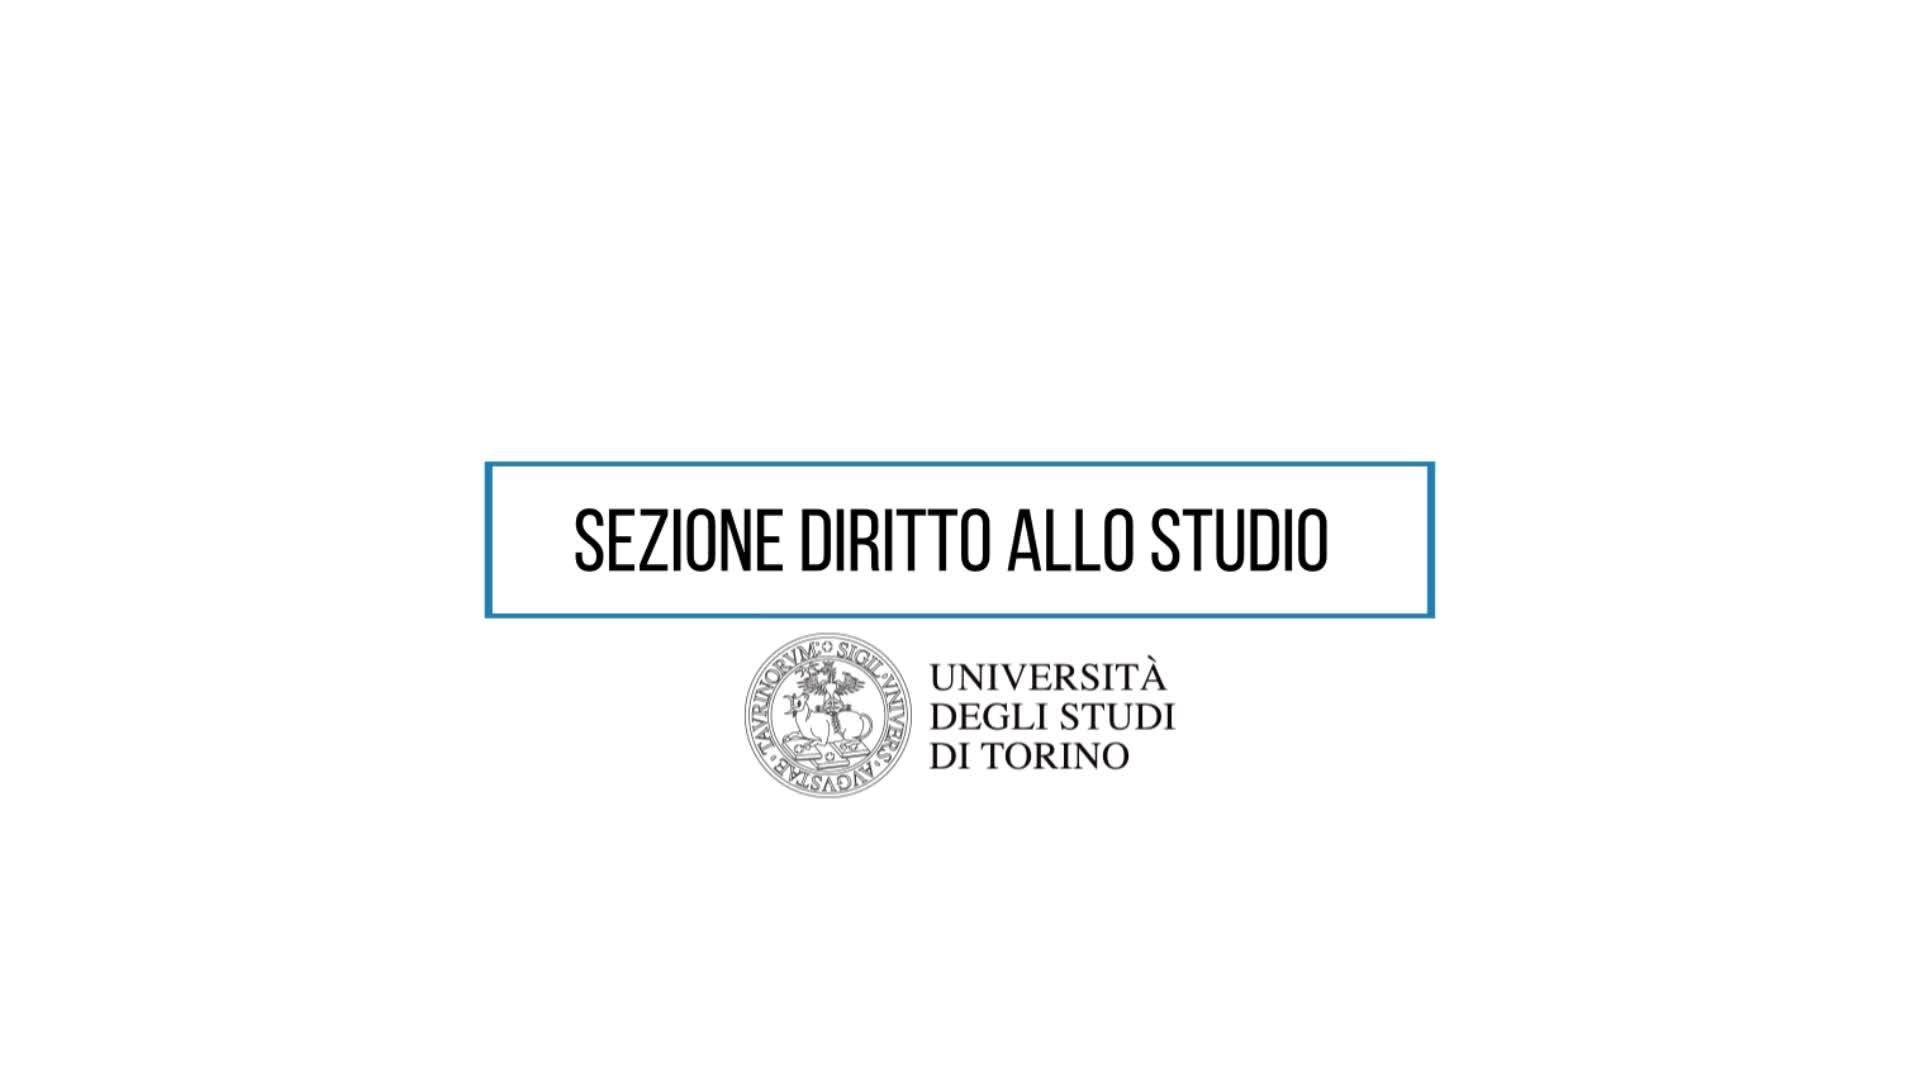 Polito Calendario 2020.Universita Di Torino